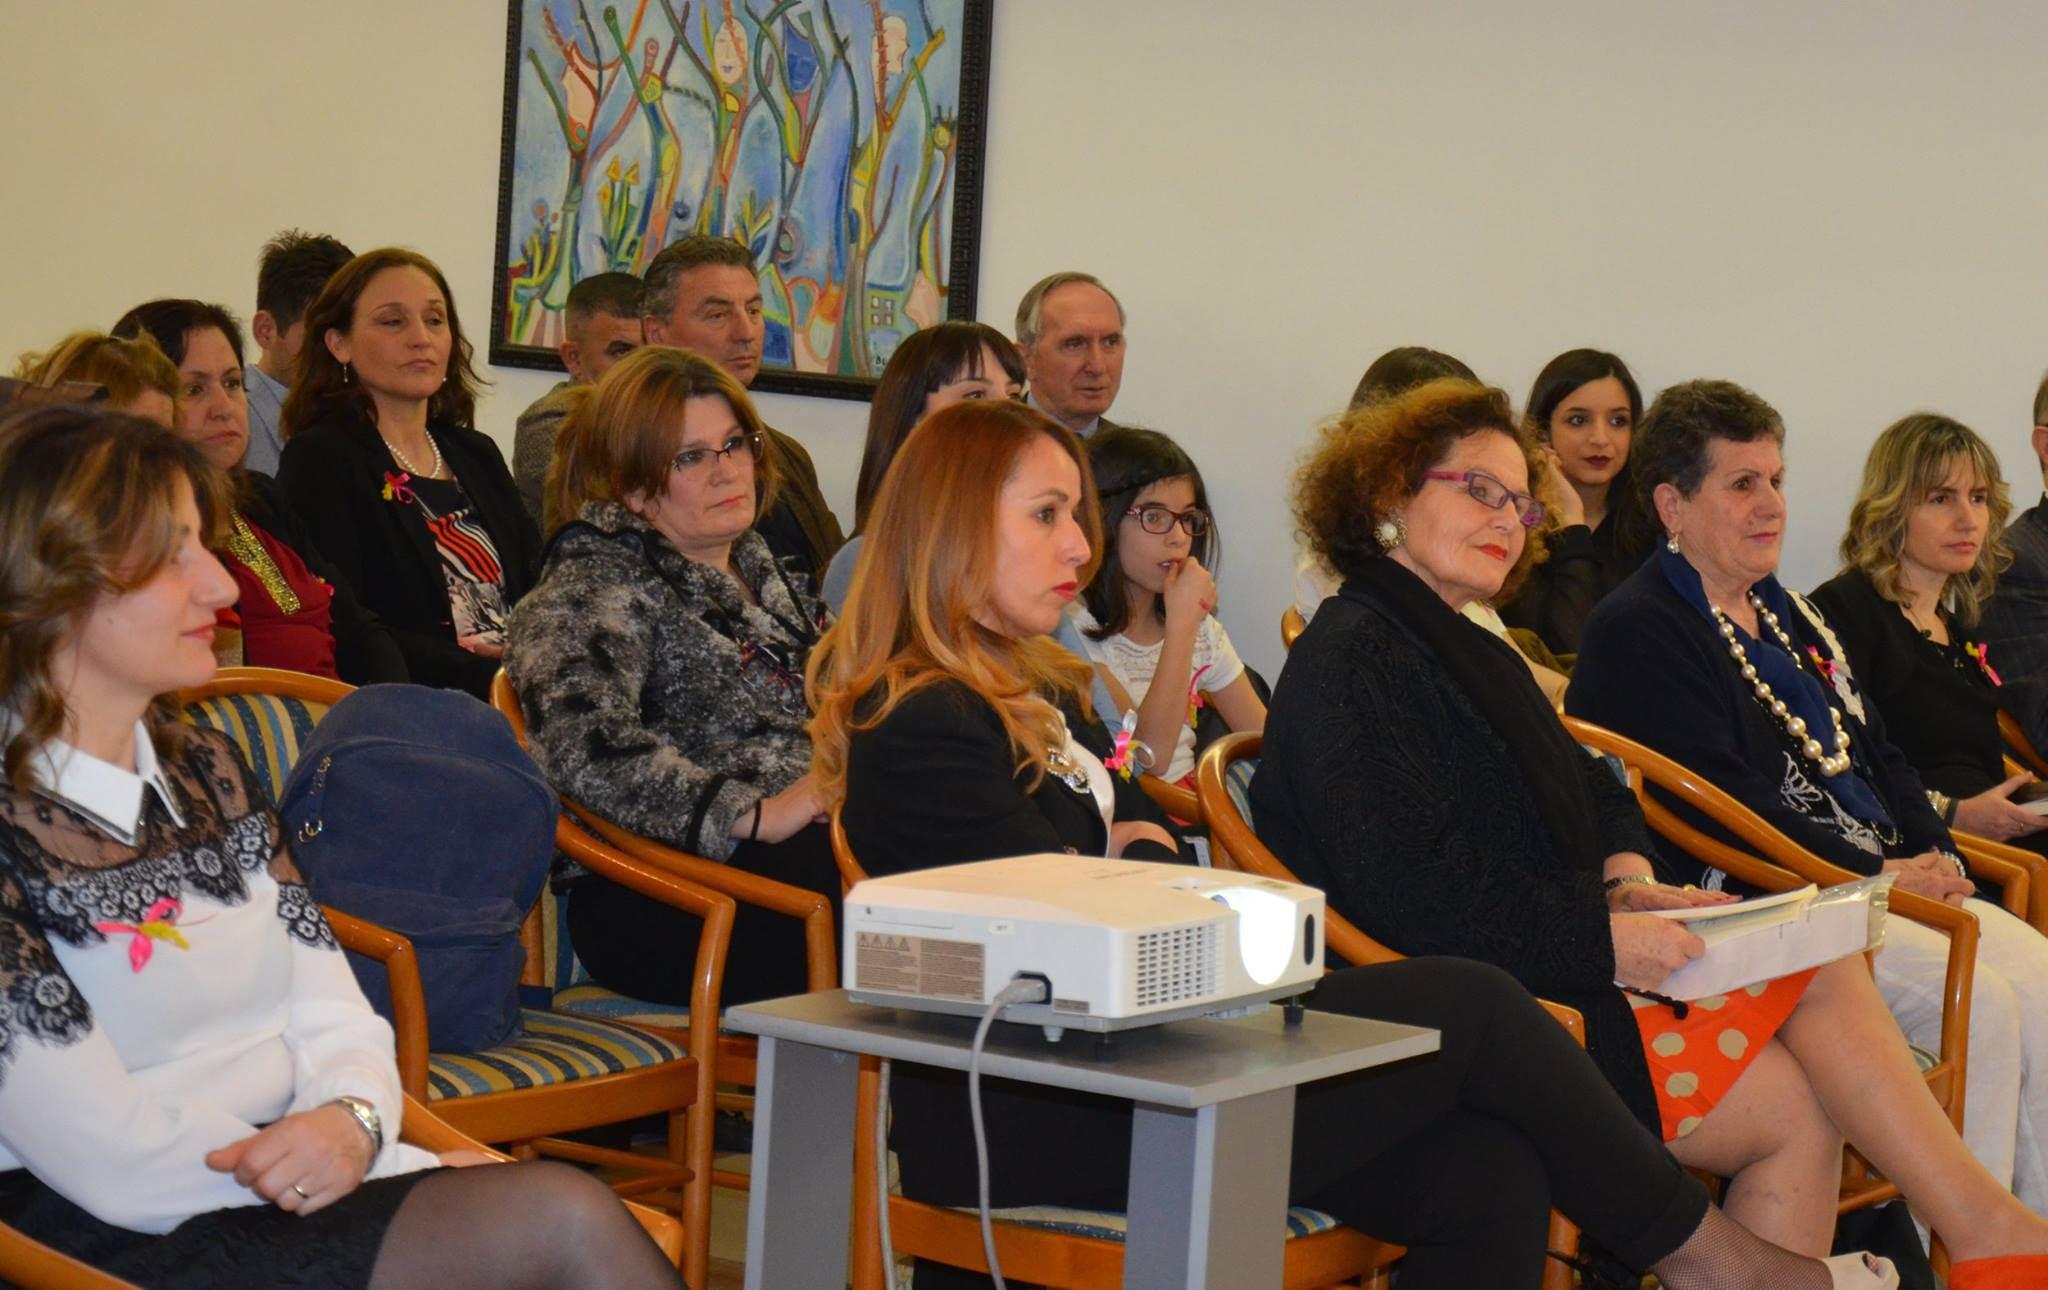 Forum donne indipendenti - Foto Rino Balocchi